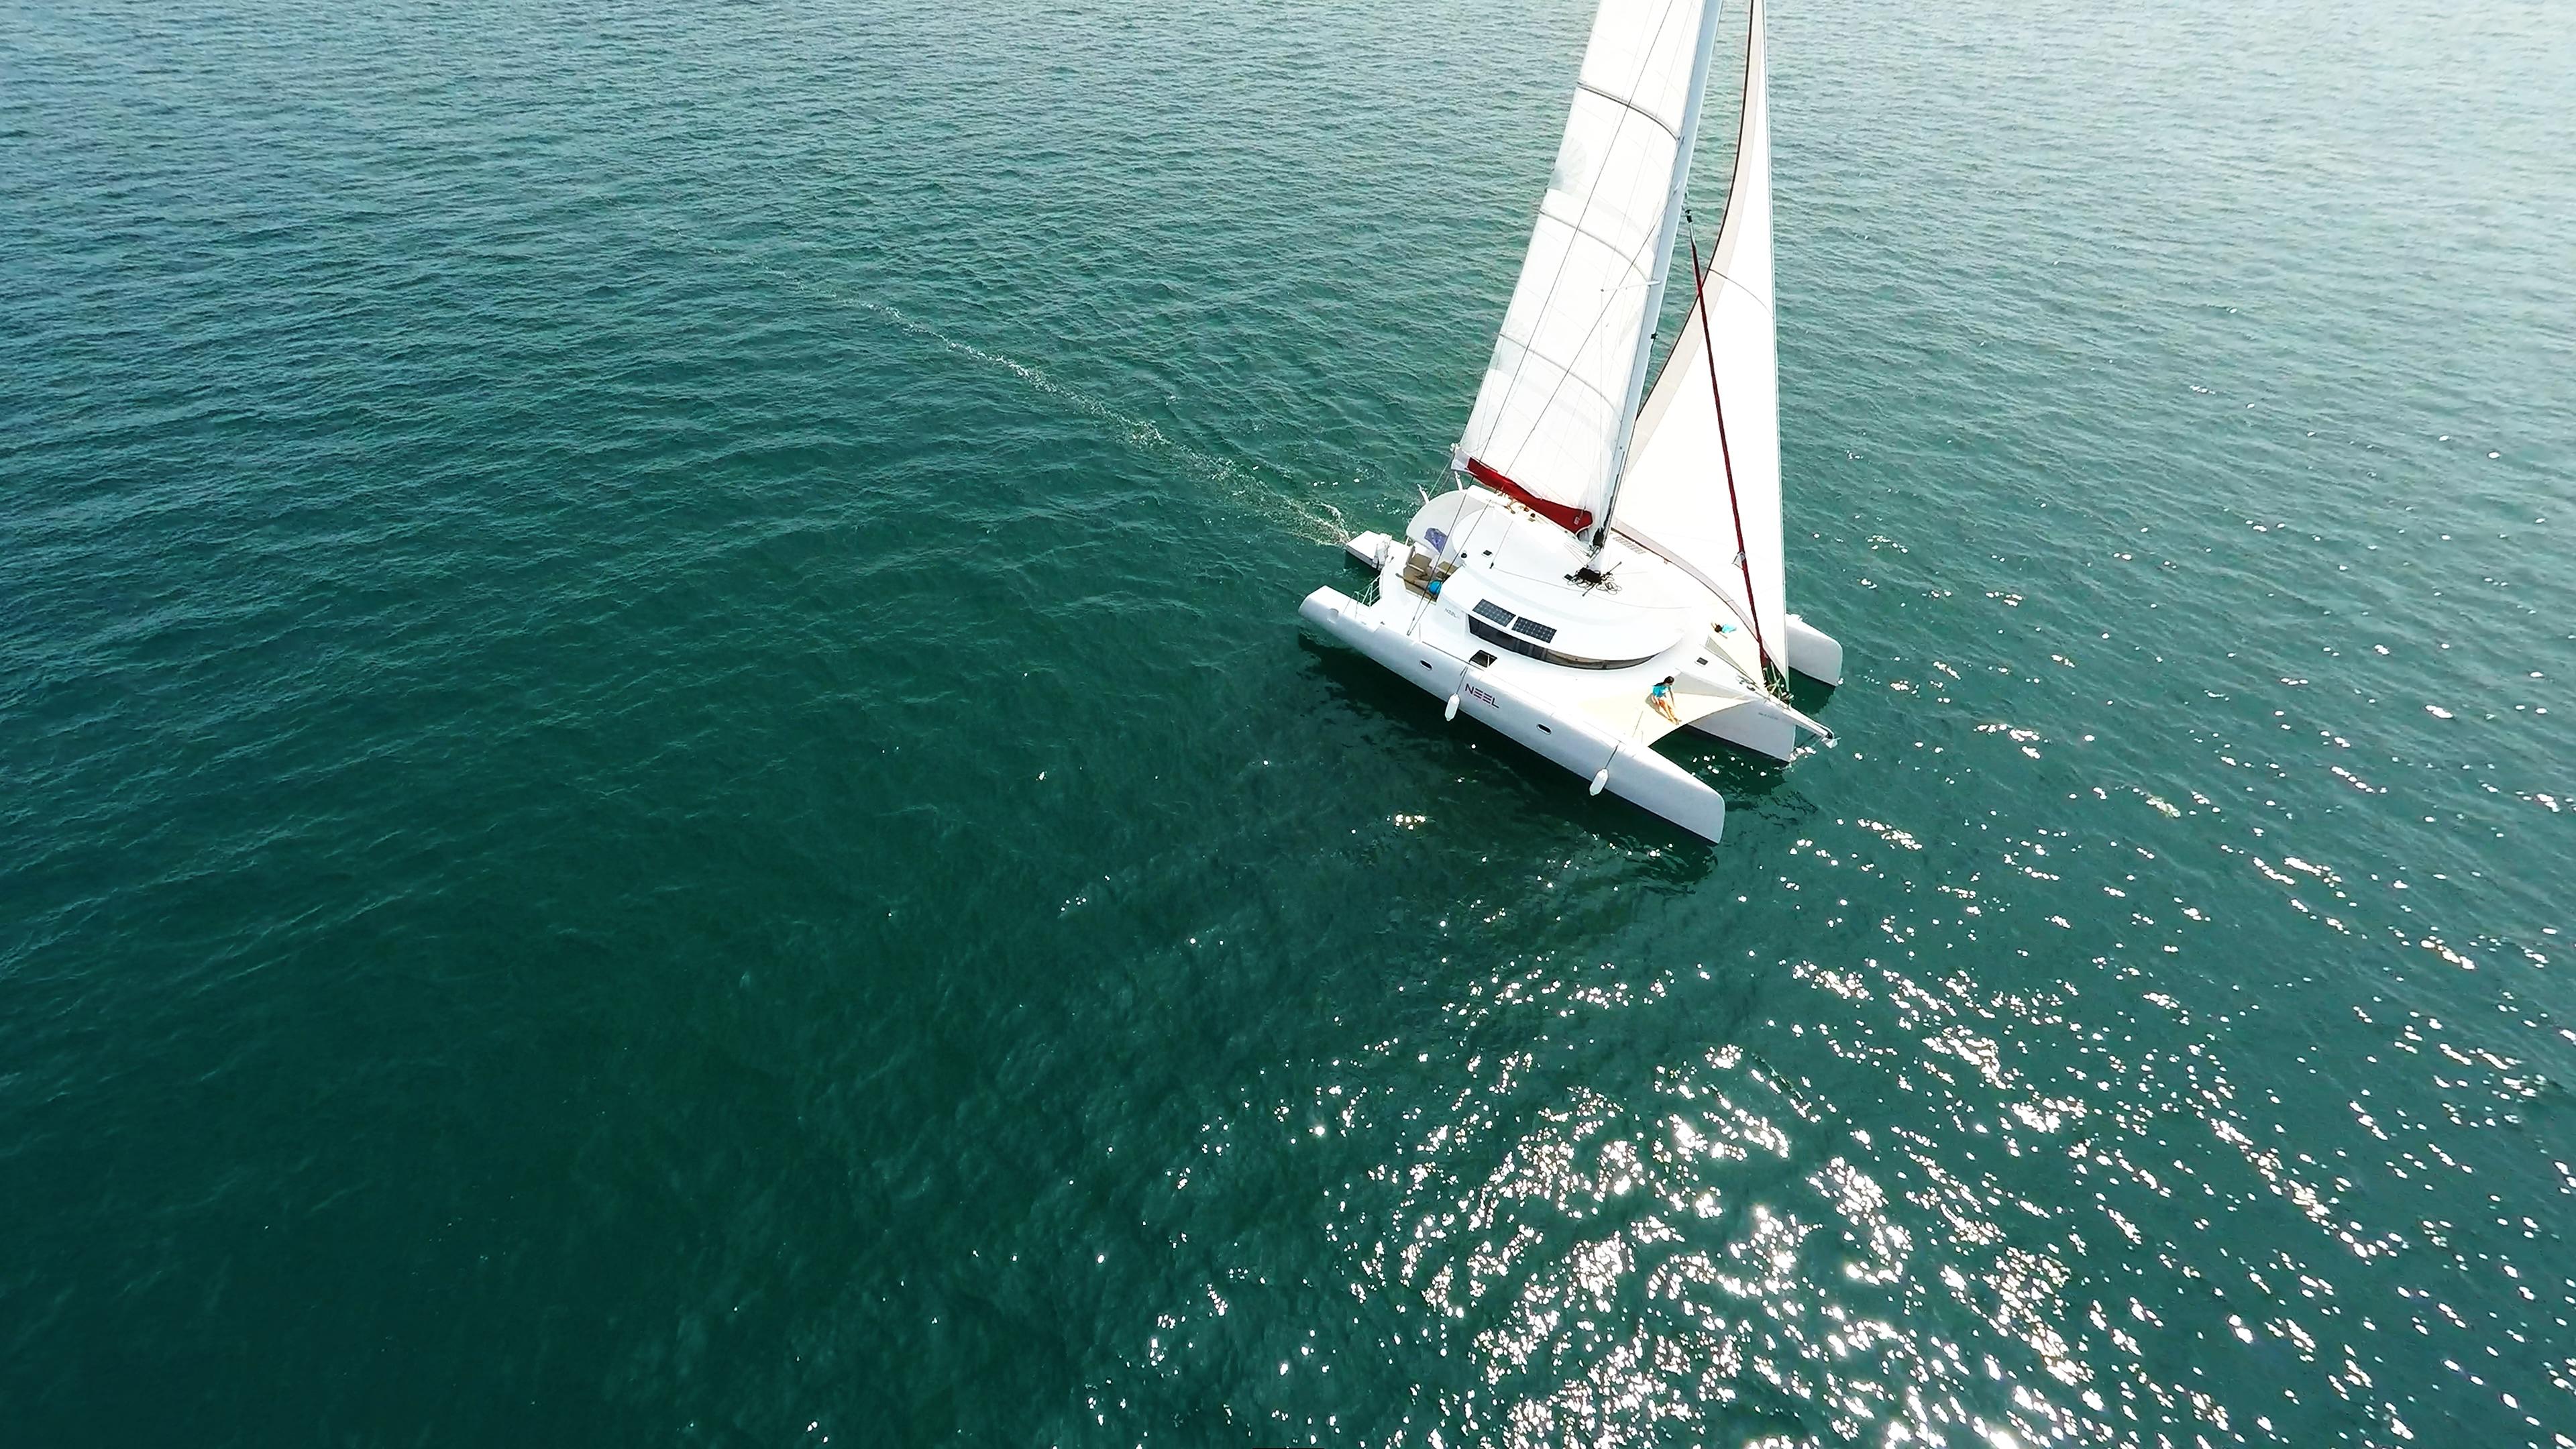 trimarano naviga a vela prendere il sole sul coperta